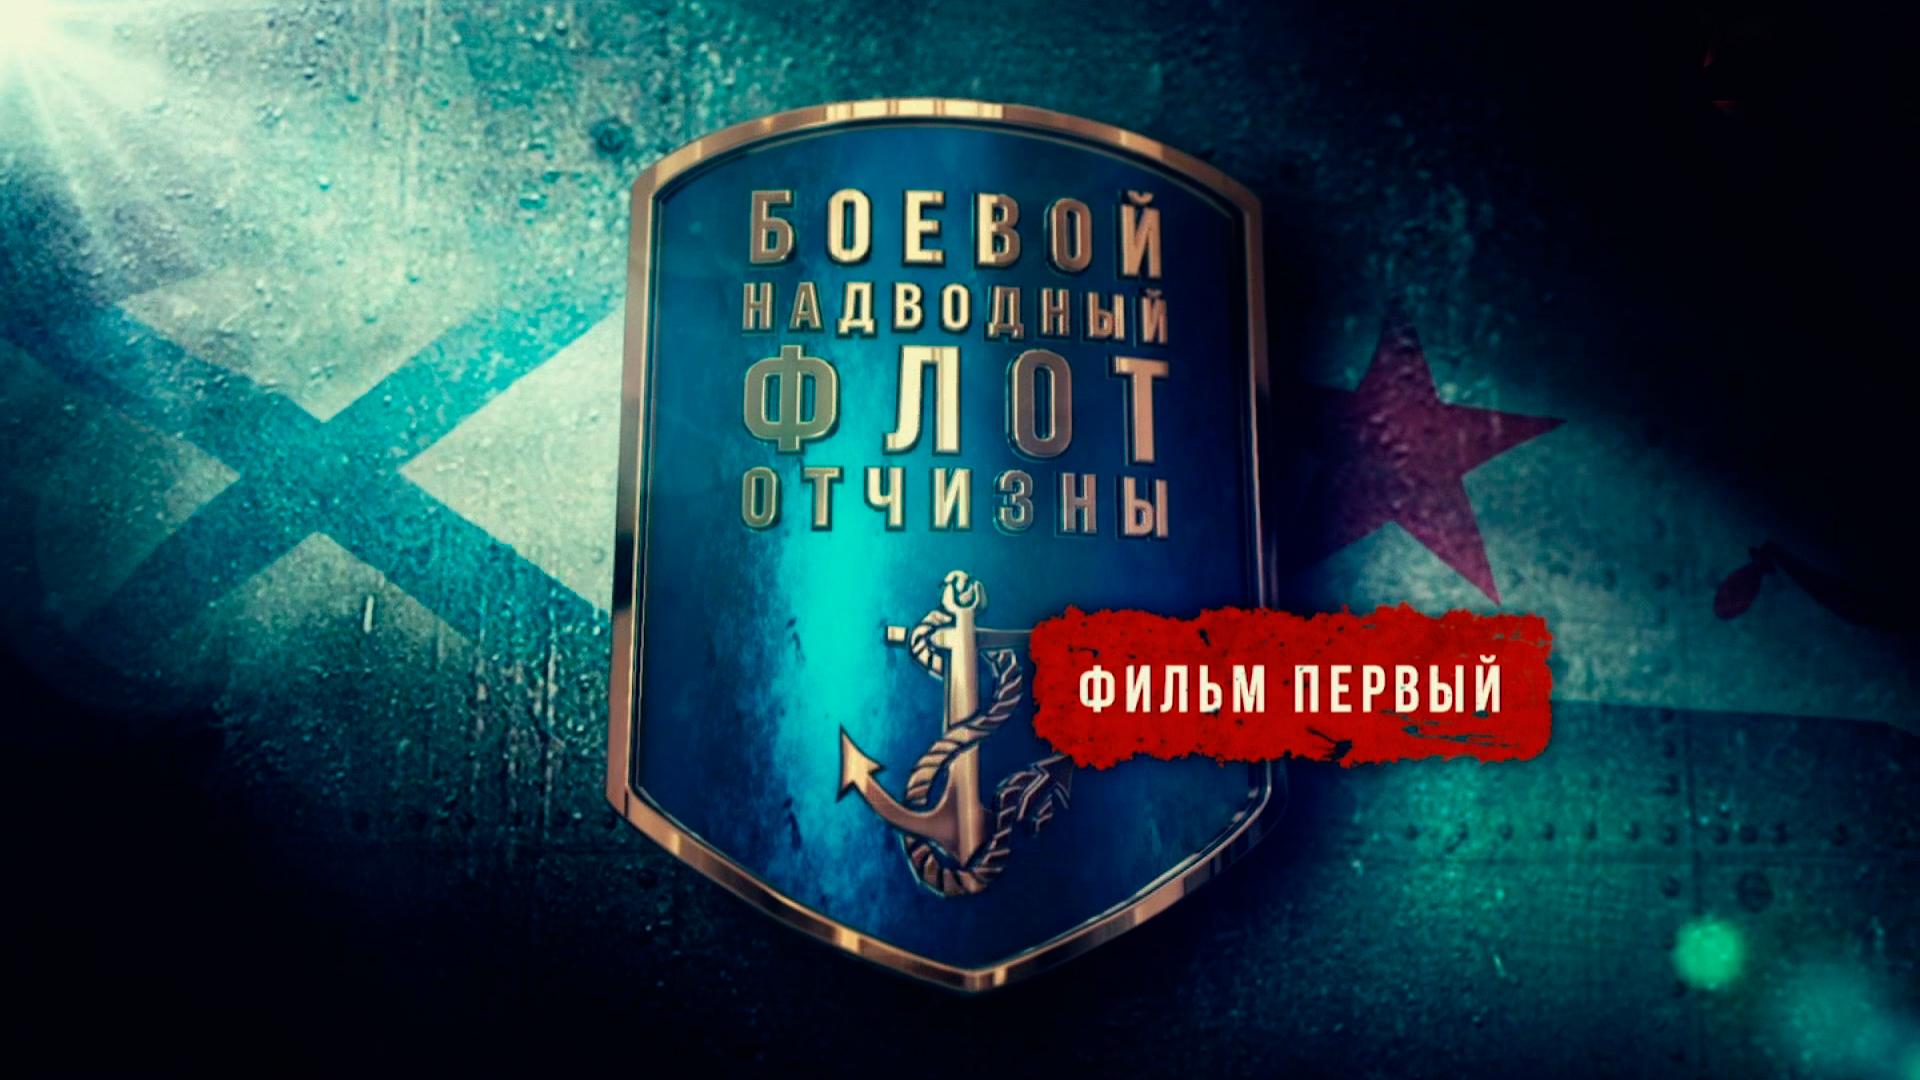 Д/с «Боевой надводный флот отчизны». Фильм первый